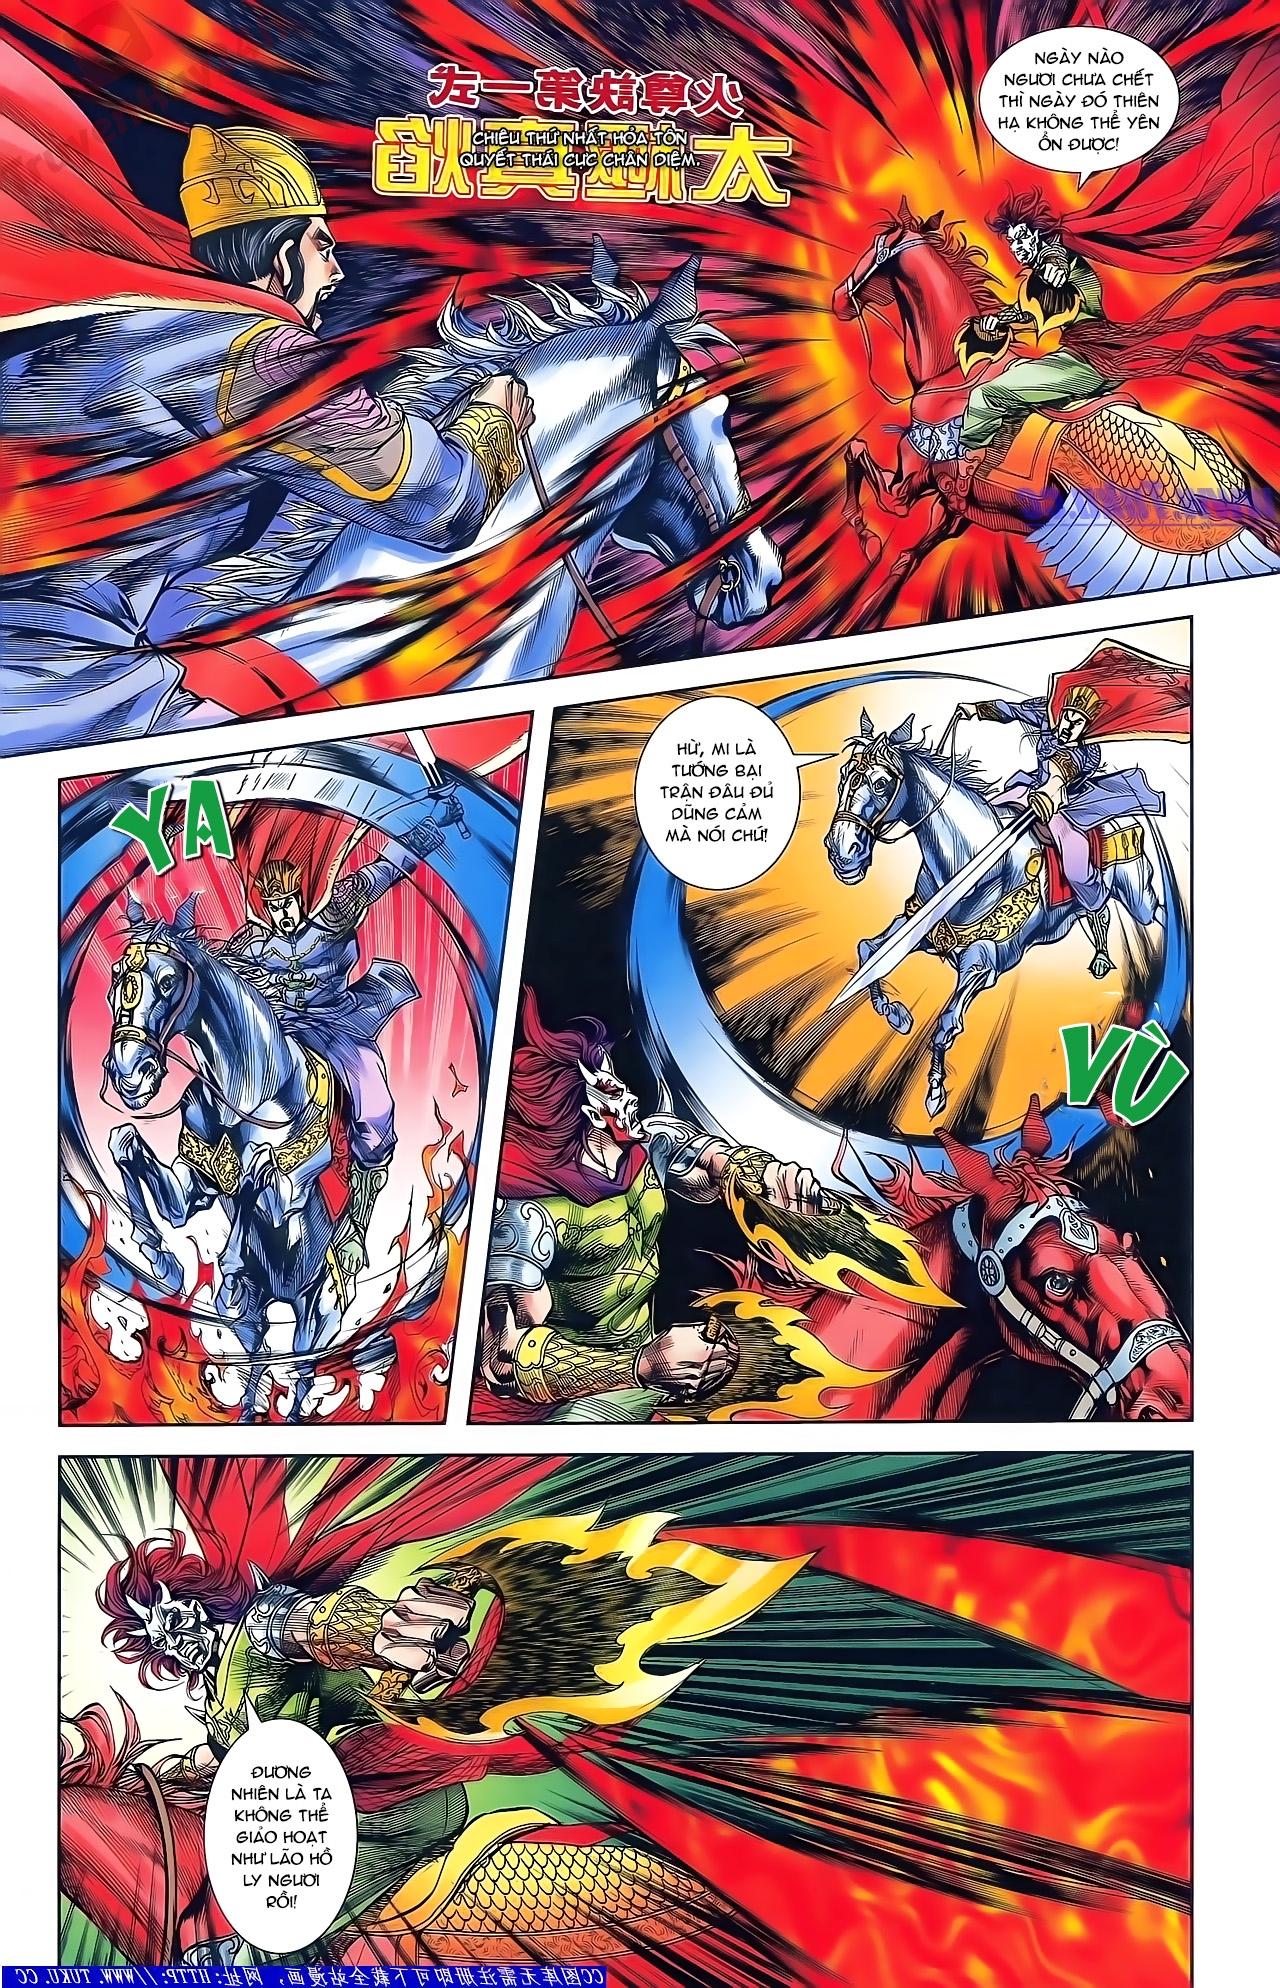 Tần Vương Doanh Chính chapter 48 trang 25